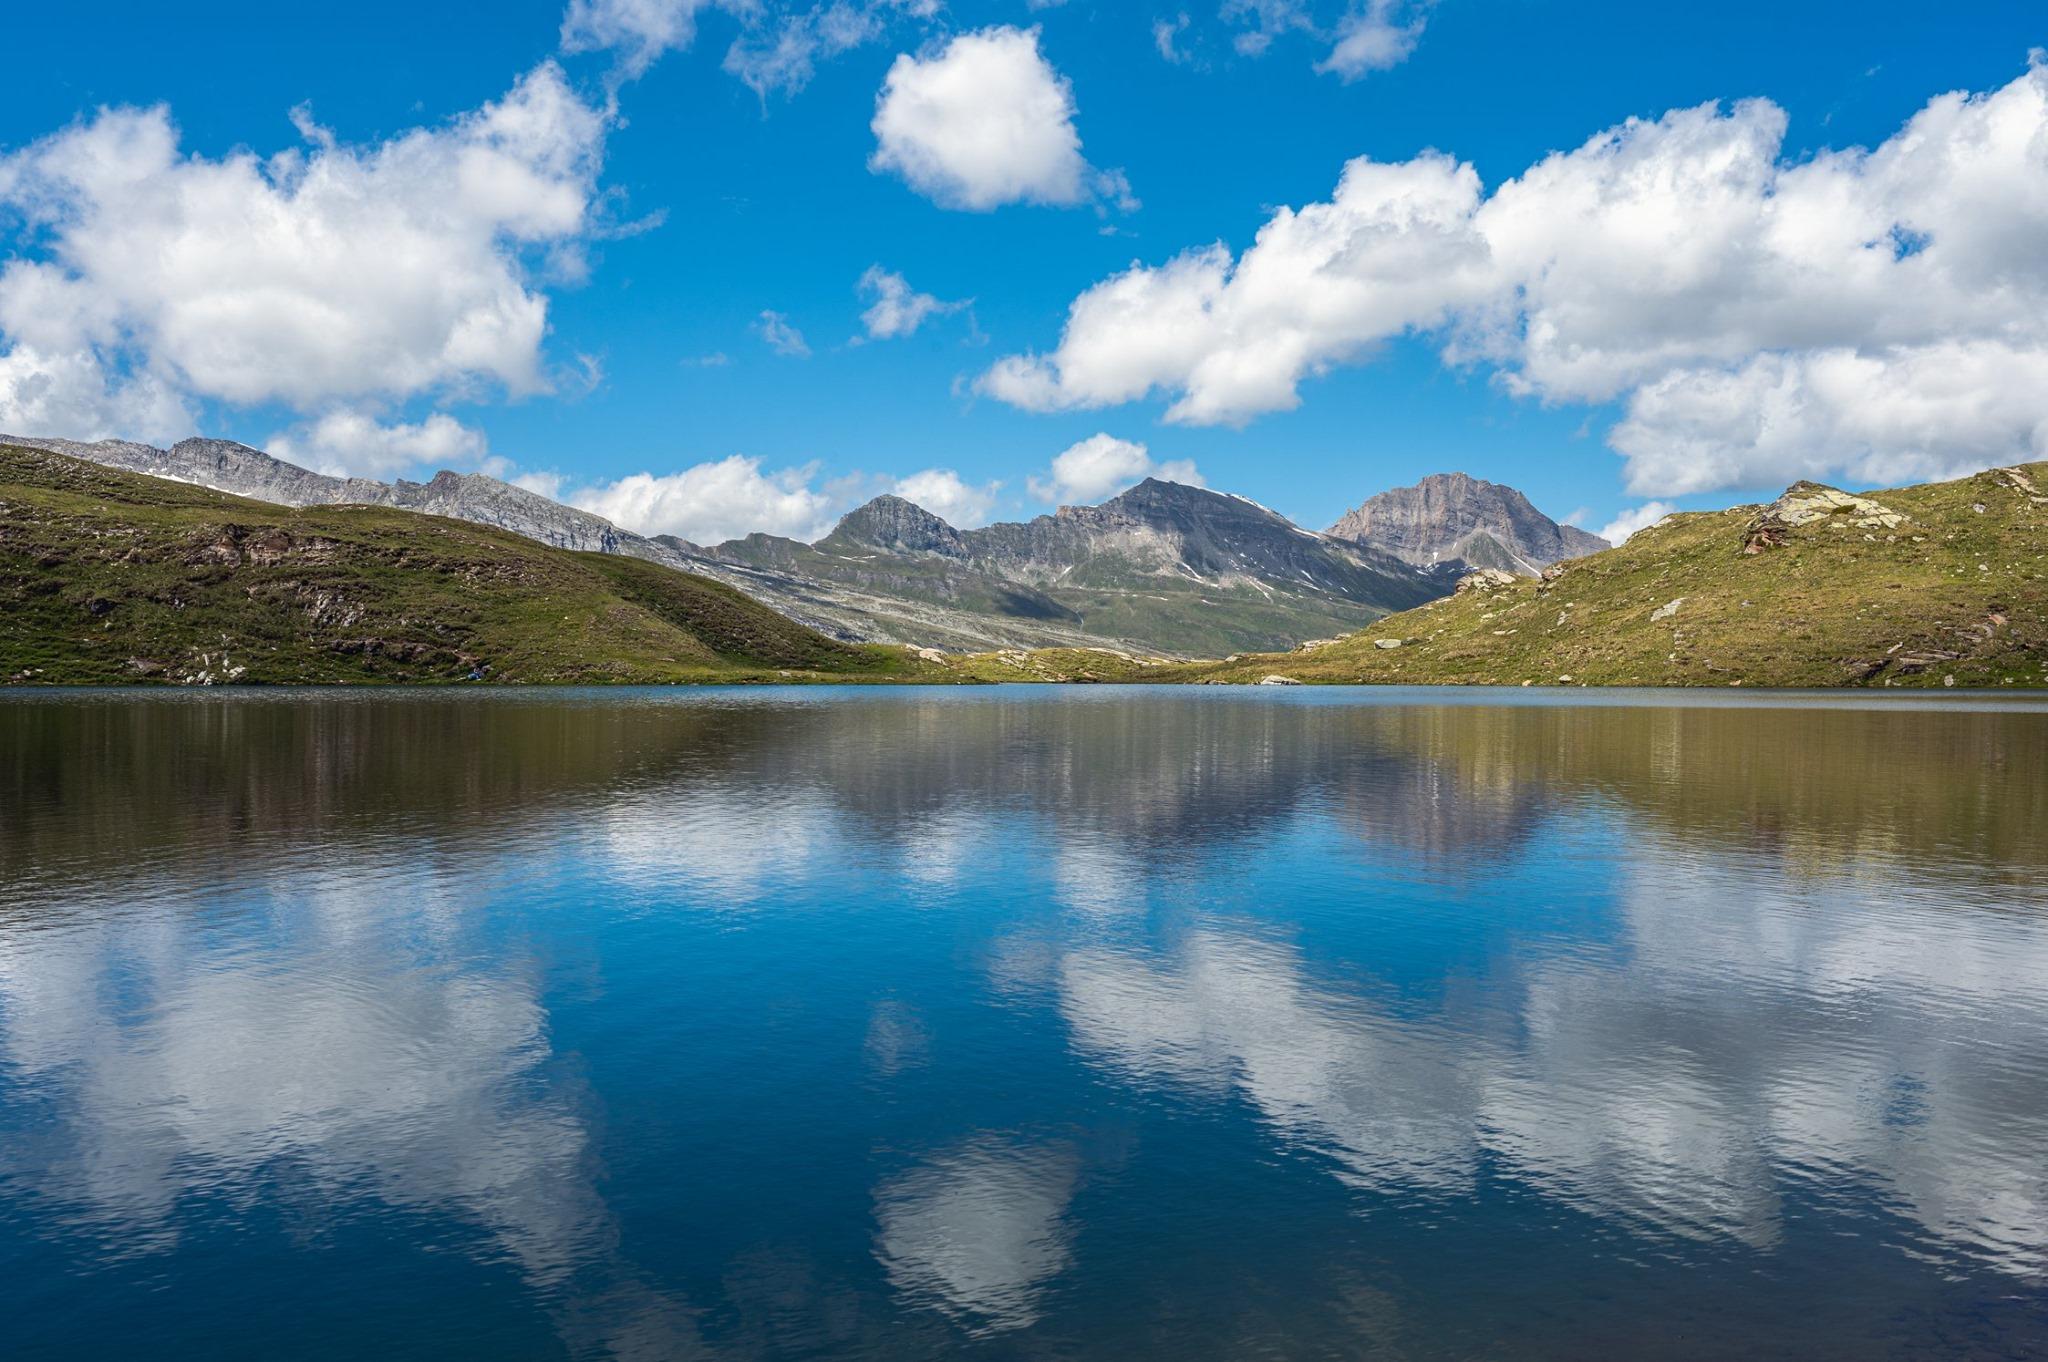 Foto Guraletschsee von Sandro Casutt, Vals